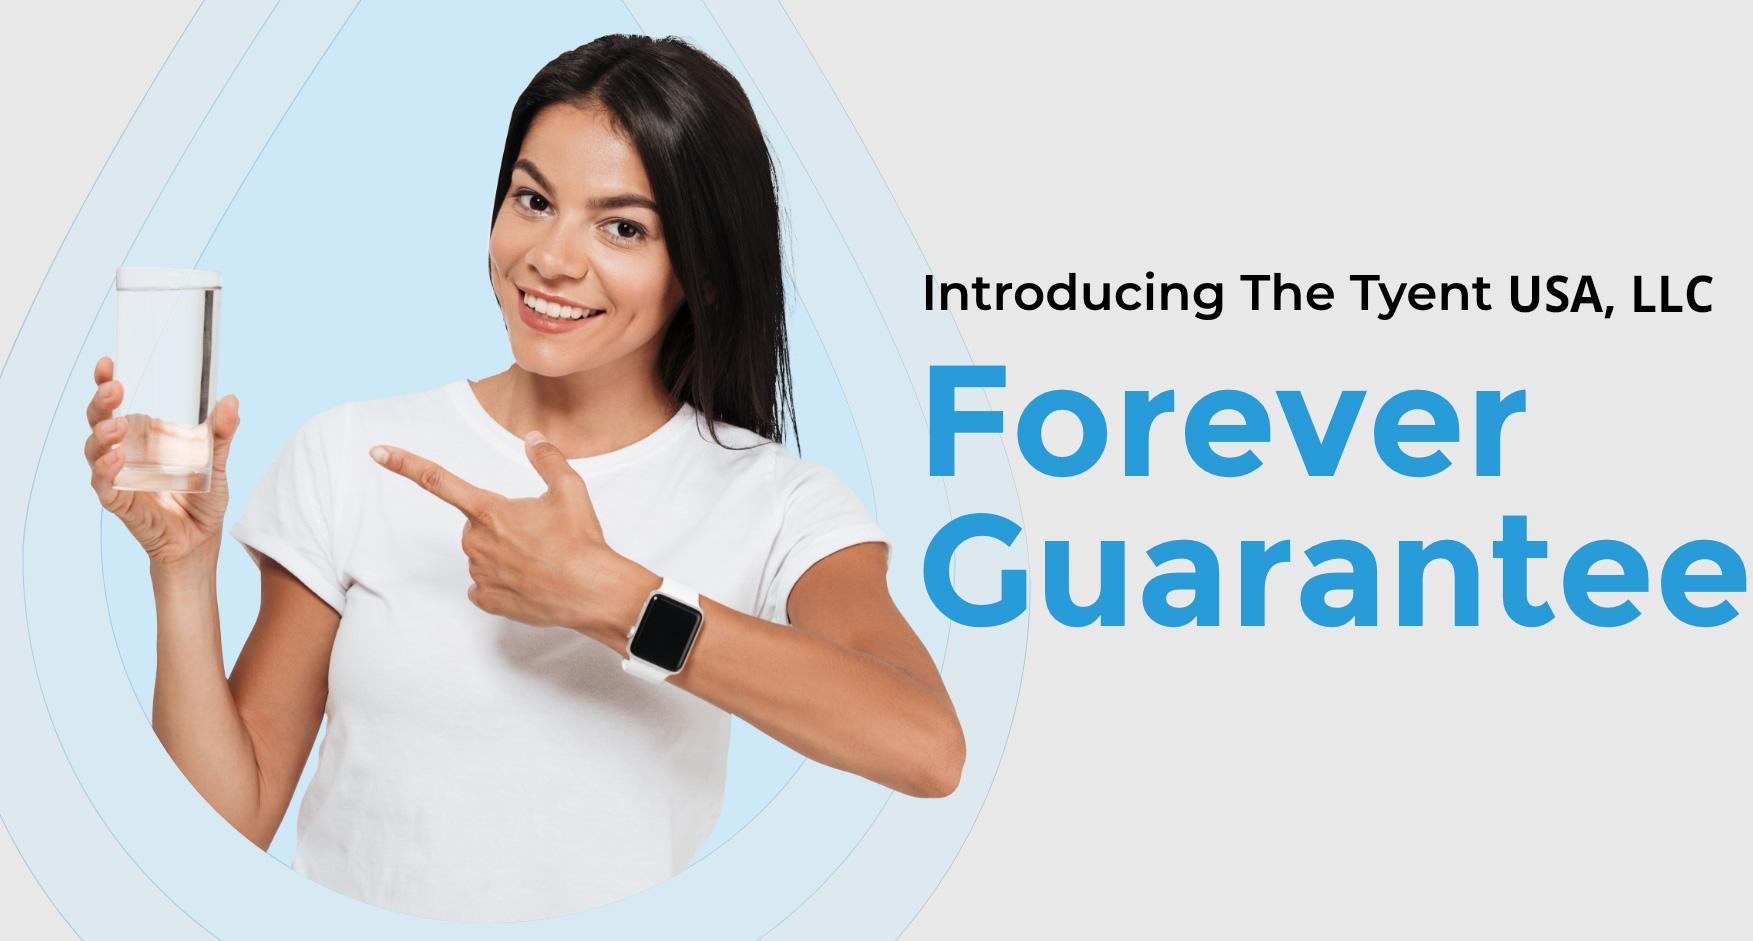 Introducing TyentUSA's Forever Guarantee